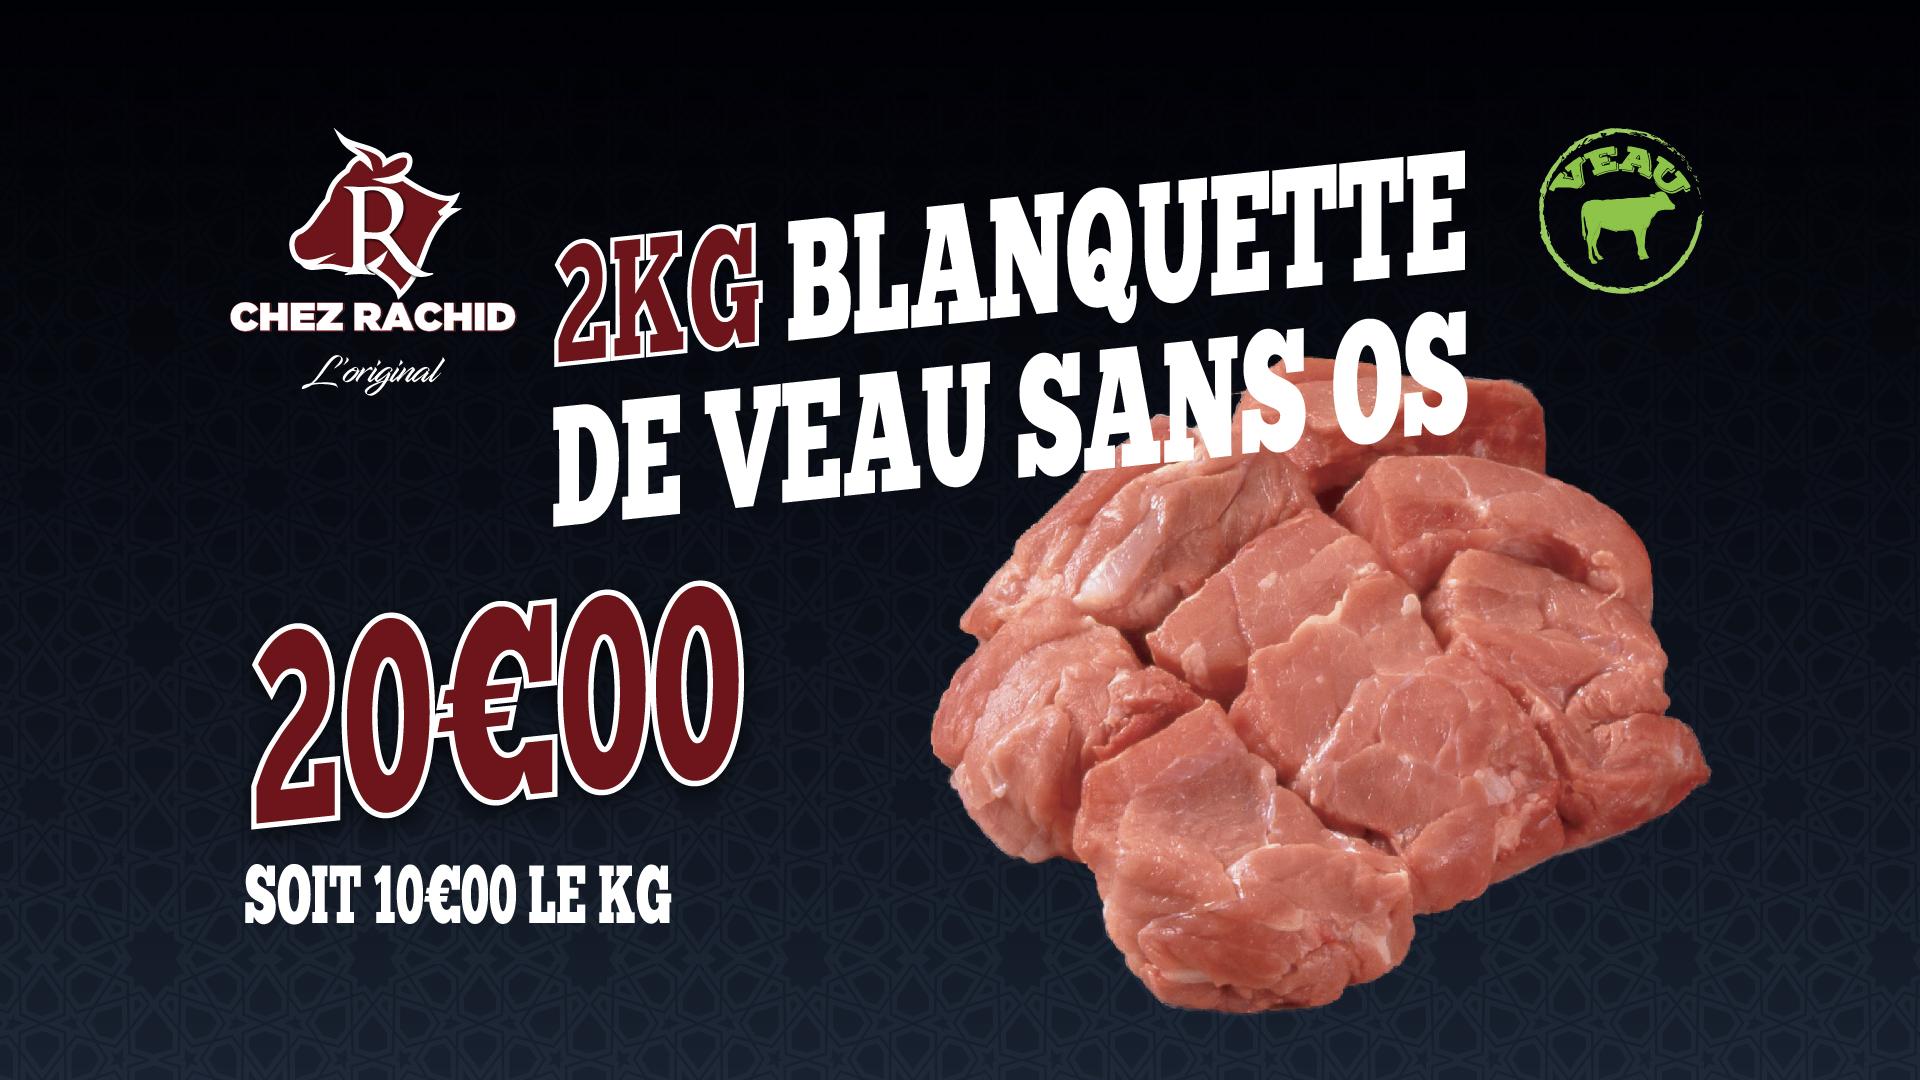 2KG Blanquette de veau sans os